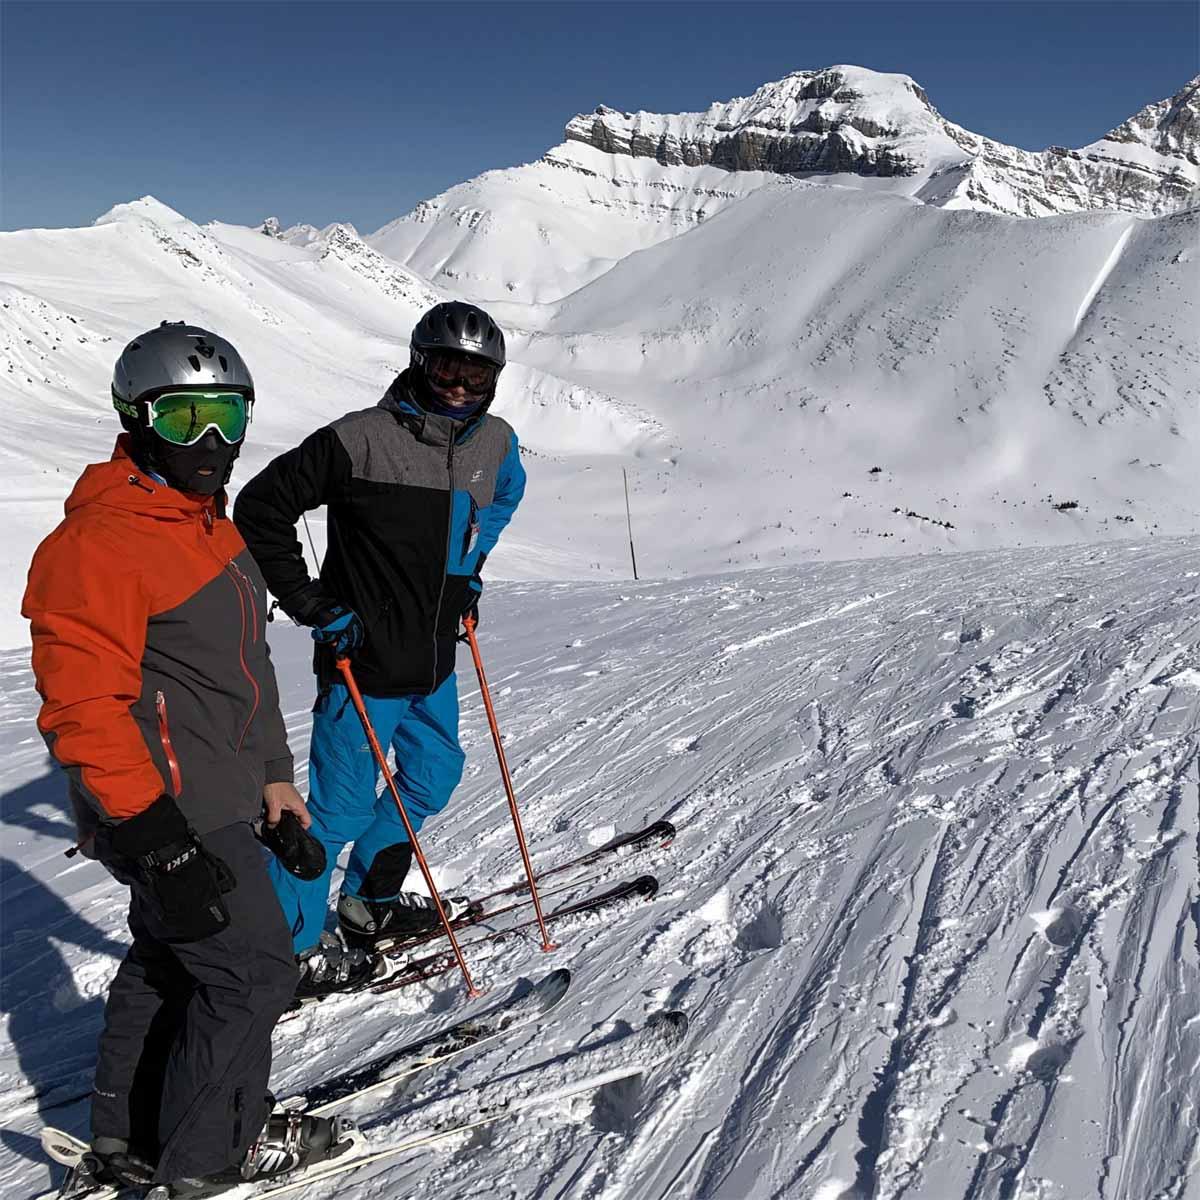 Rotarián Tom mě pravidelně bral lyžovat do hor